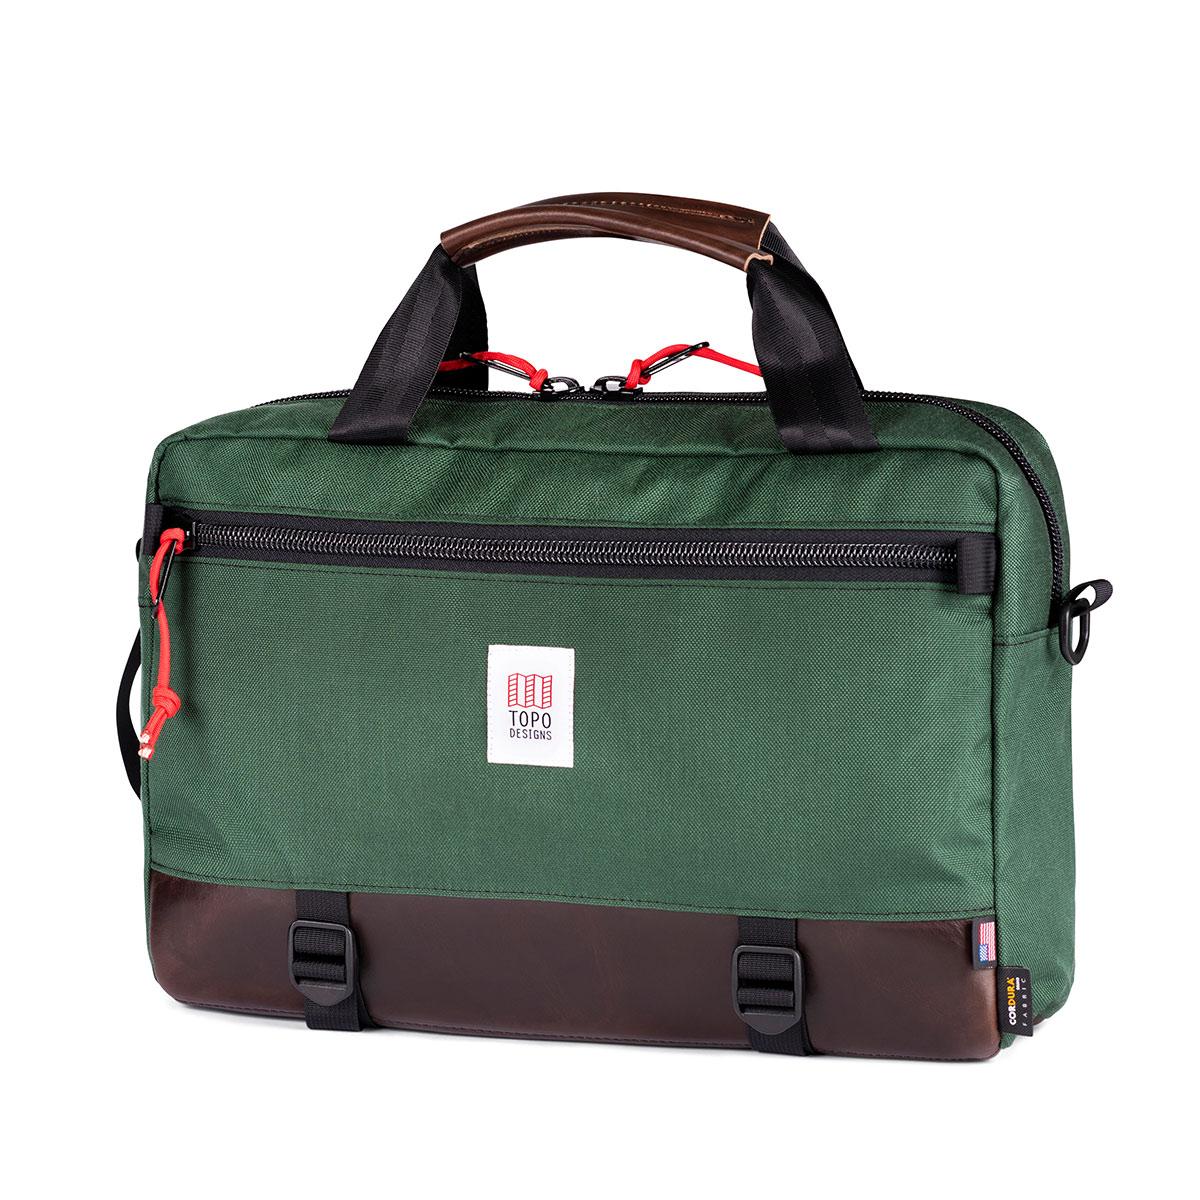 Topo Designs Commuter Briefcase Forest/Dark Brown Leather